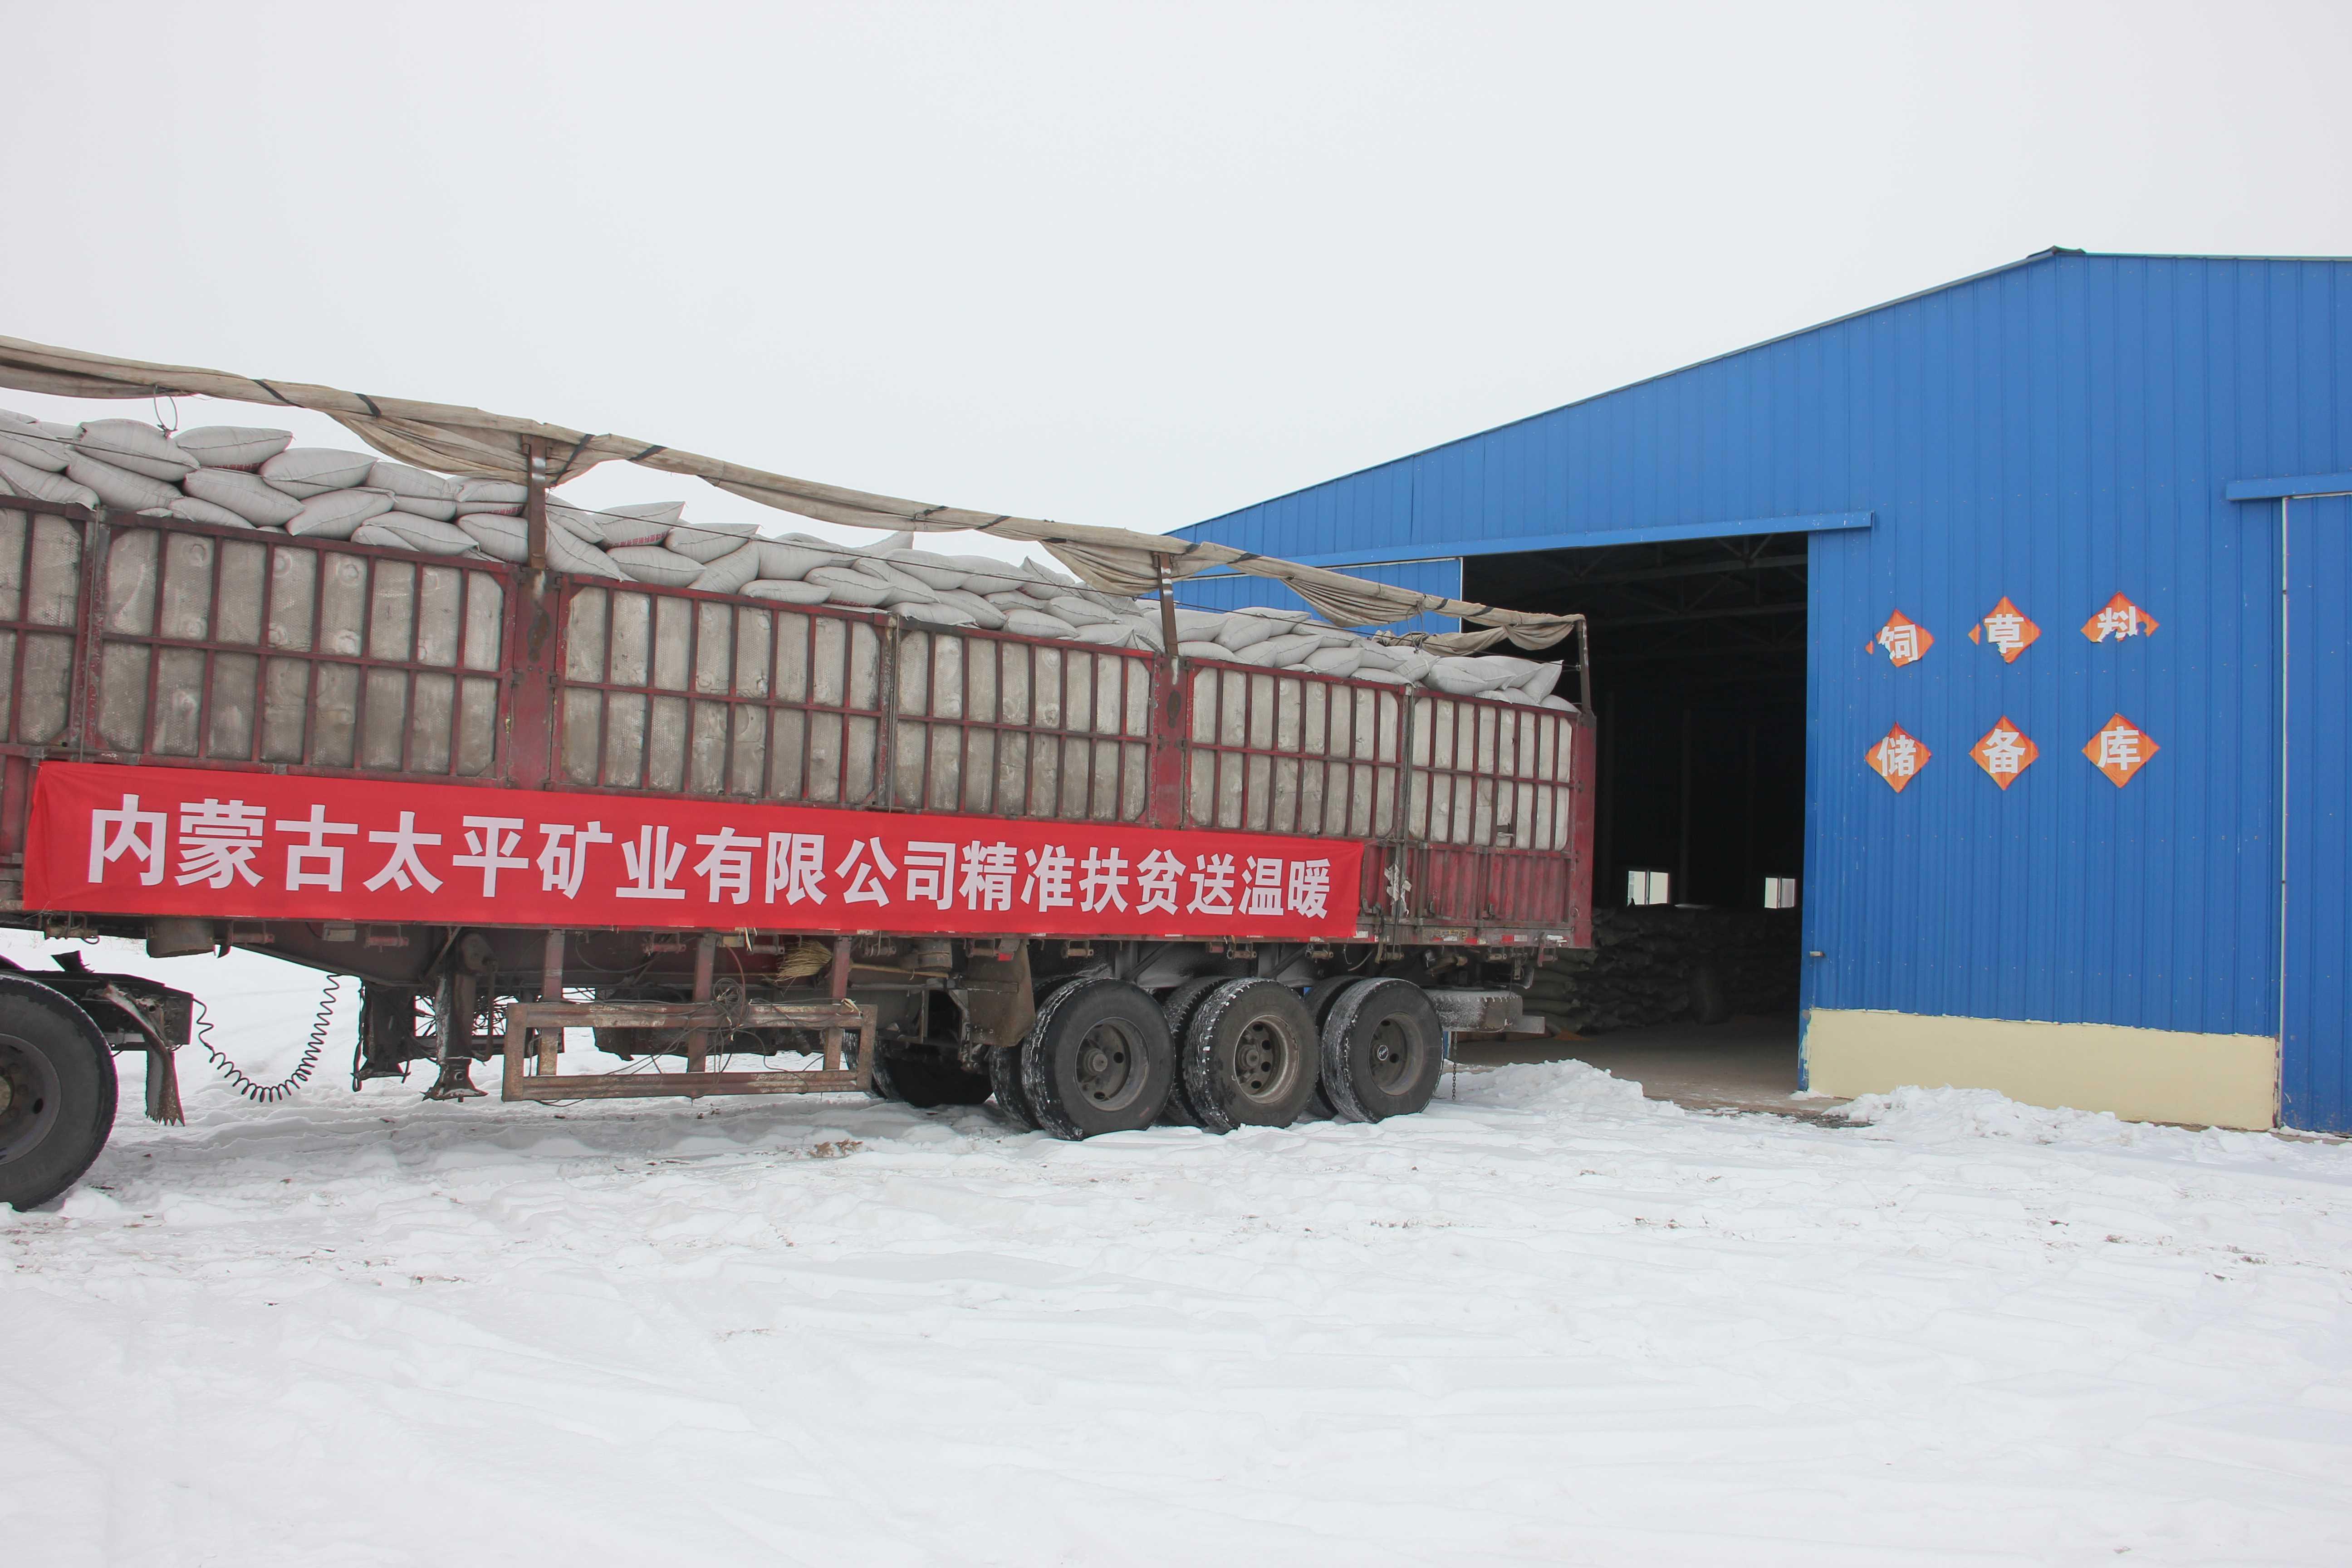 内蒙古永利国际开户 精准扶贫送温暖-永利国际开户-官方网站 急牧民之所急,义不容辞践行精准扶贫送温暖行动。